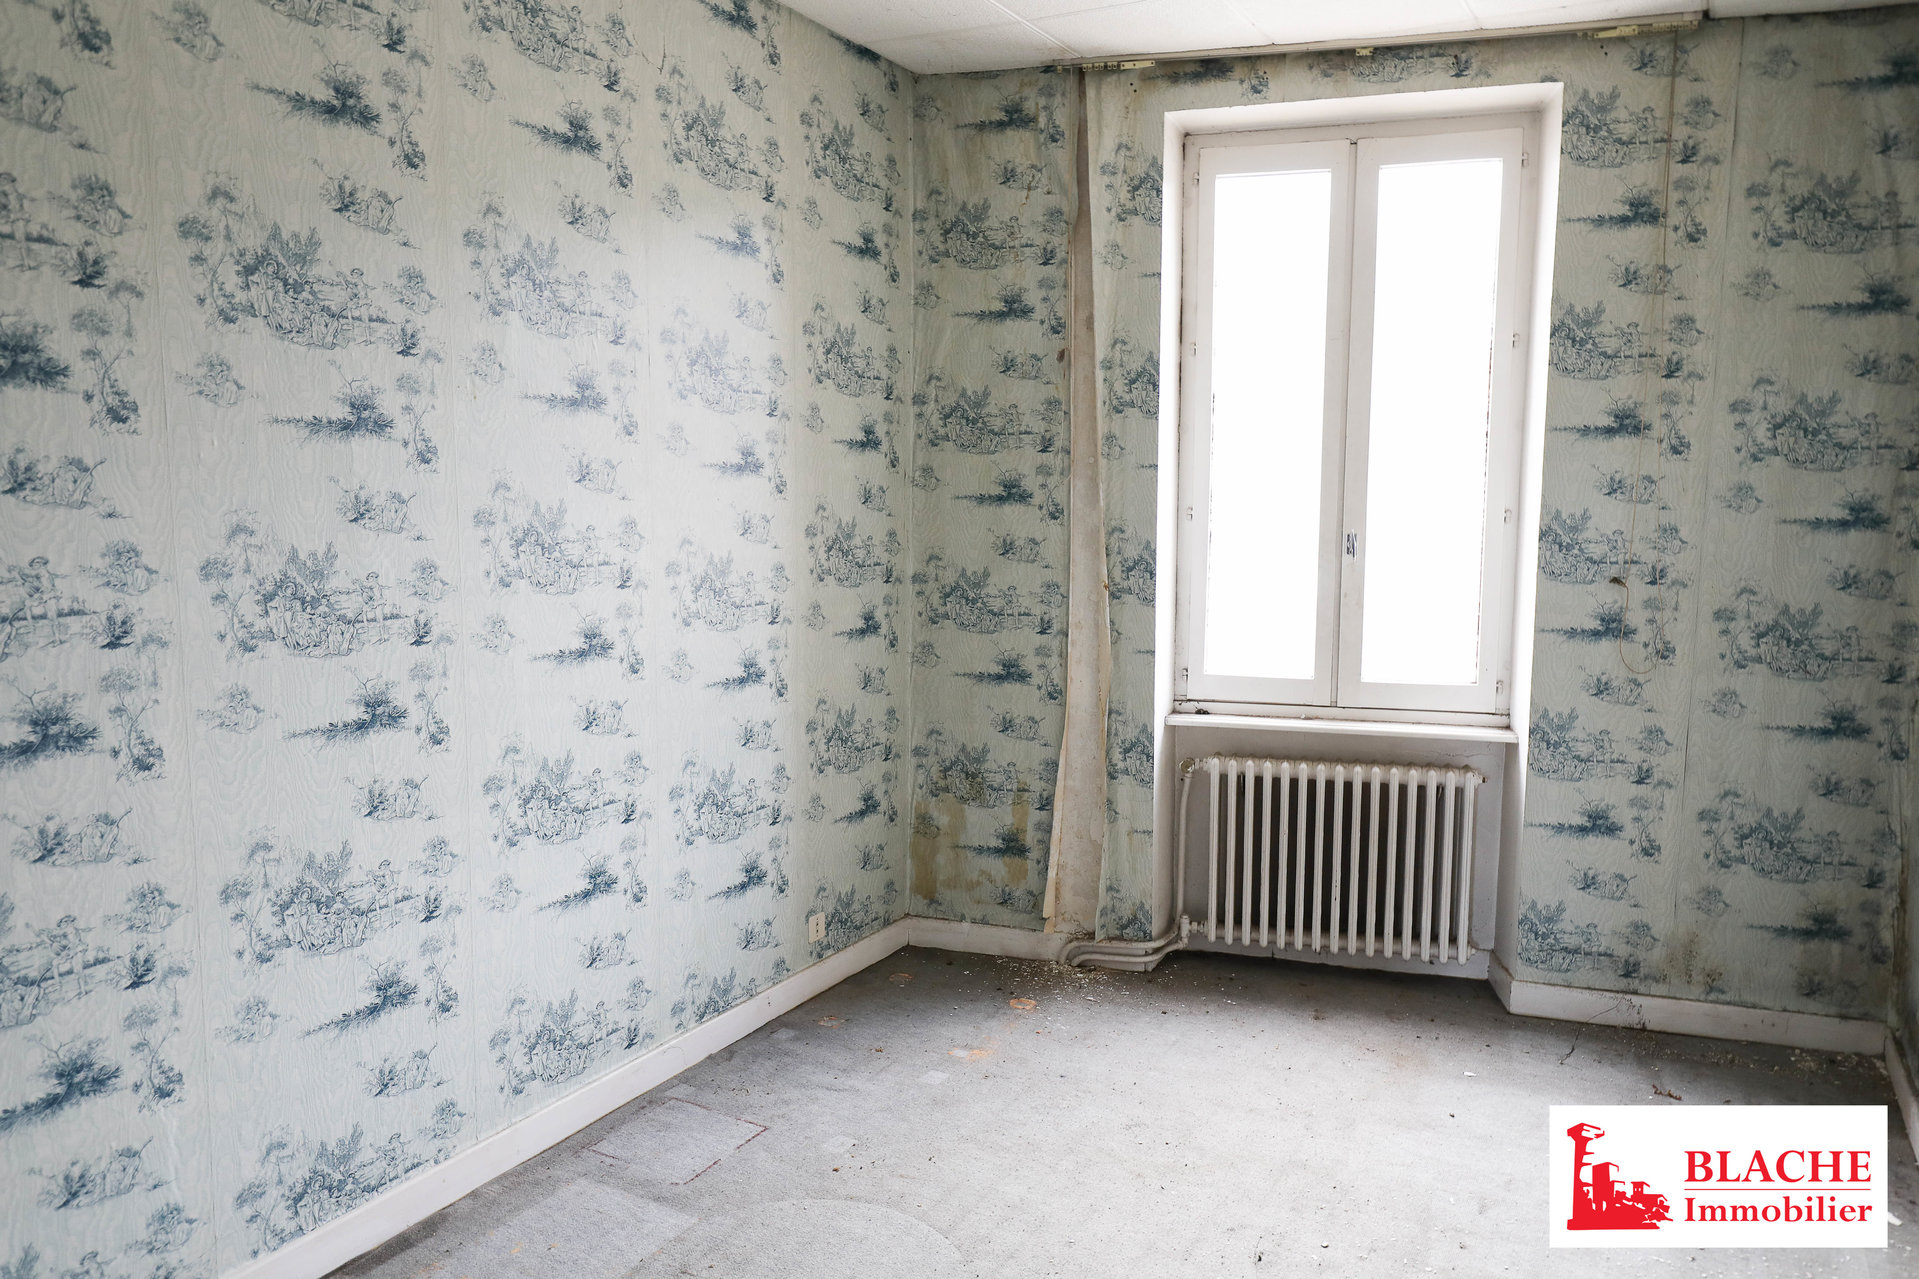 Vente Ensemble immobilier - La Voulte-sur-Rhône